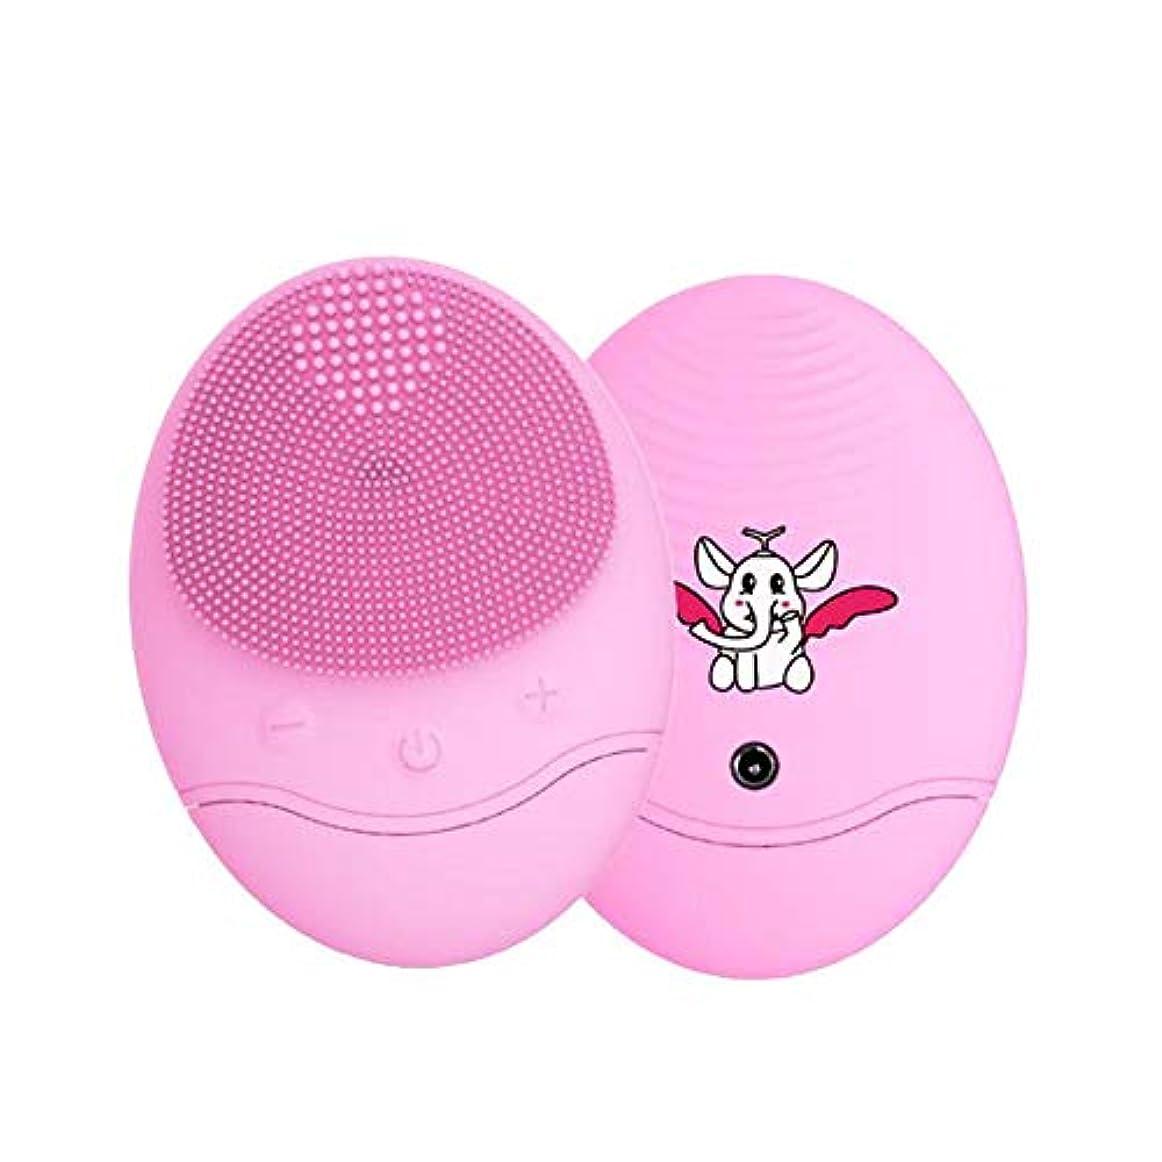 鳴らす破壊する記述する洗顔ブラシ、ディープクレンジング、優しい角質除去、黒ずみの除去、防水クレンジング器具クレンザーマッサージUSB充電式,ピンク